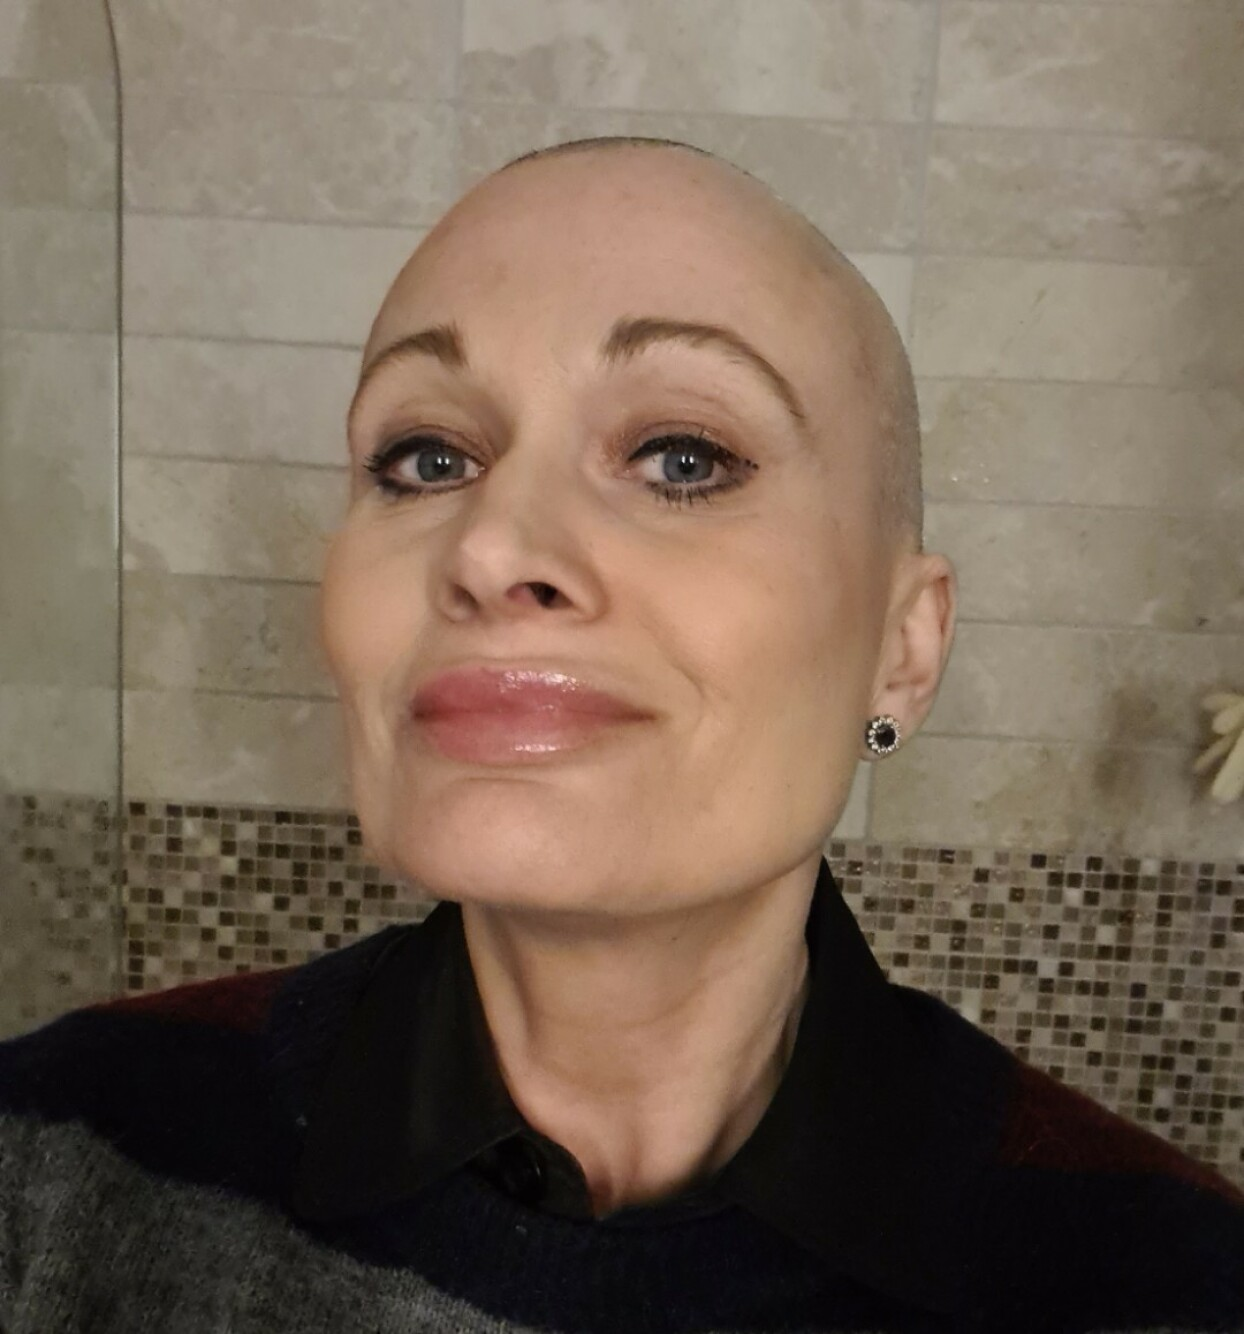 MISTET HÅRET: Bildet ble tatt dagen Kristine barberte bort håret som var i ferd med å falle av. Foto: Privat